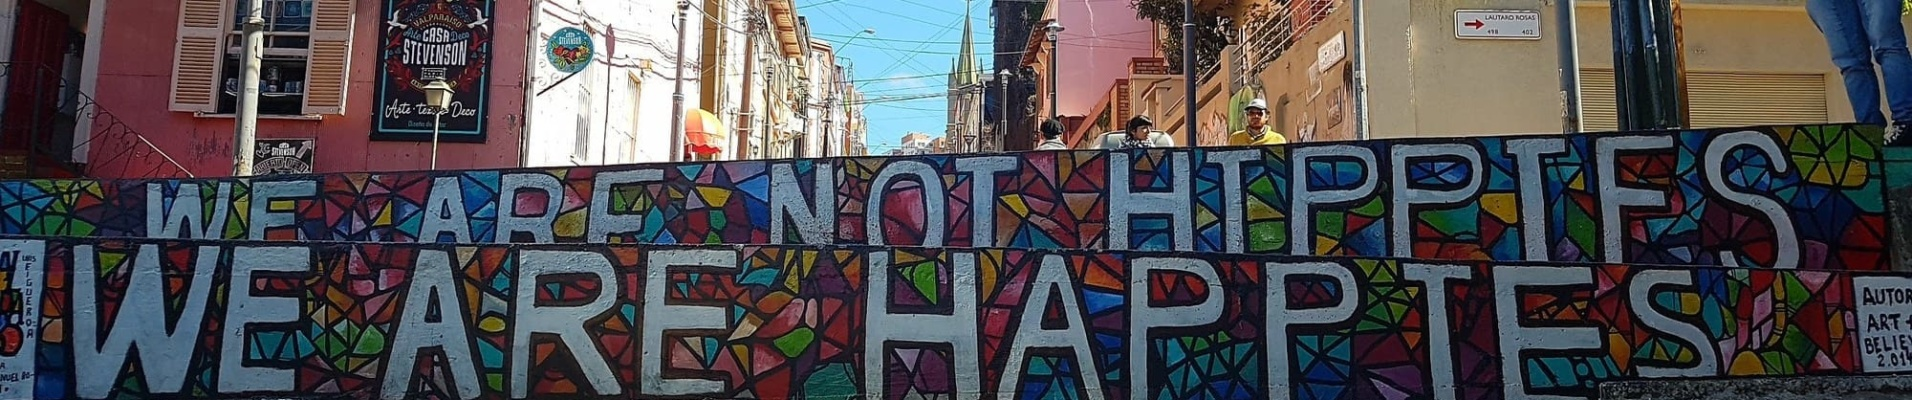 Peinture murale street art Valparaiso, Chili. Nous ne sommes pas des hippies, nous sommes des